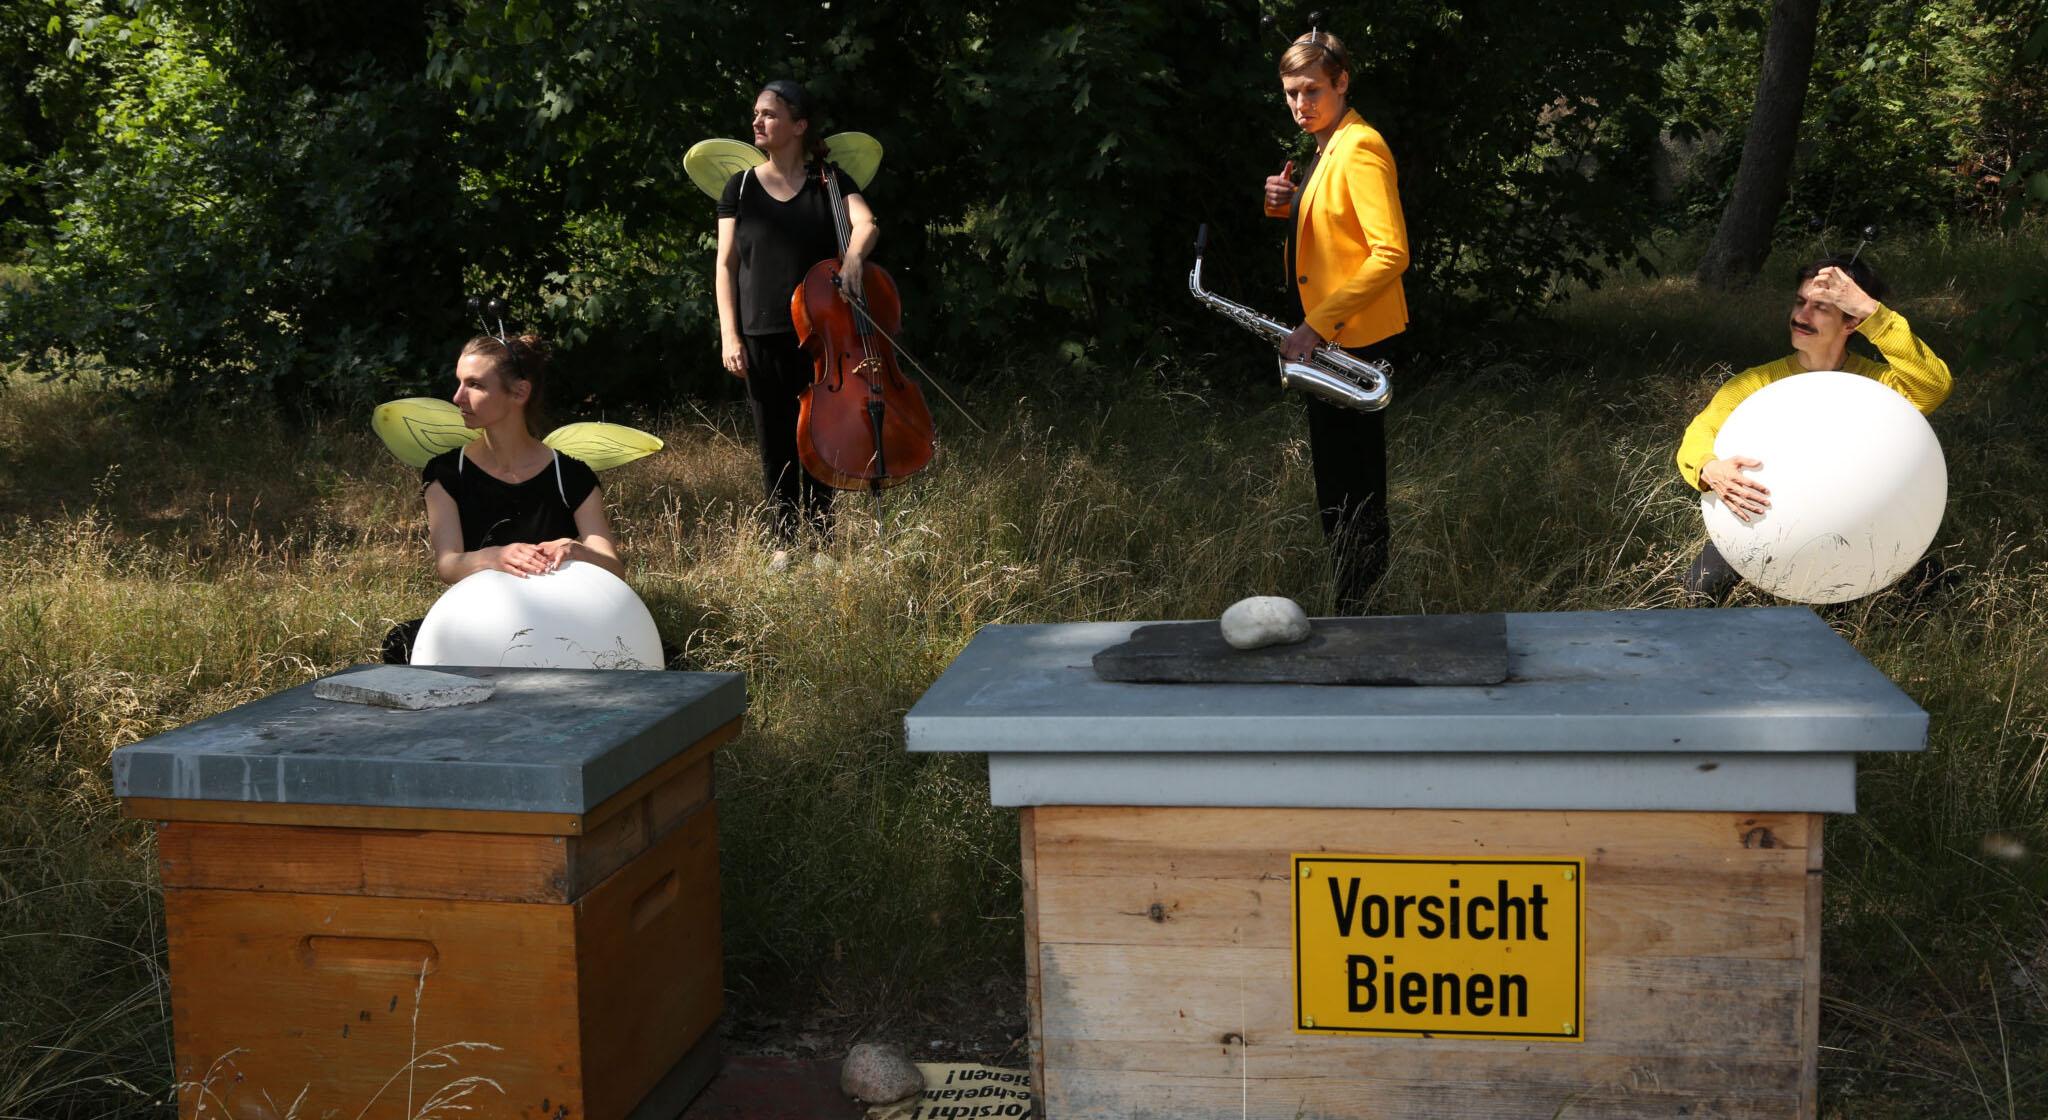 © Adam Berry: Die Ordnung der Dinge: Zum Beispiel Bienen. Zwei Performer*innen mit Flügelkostümen und weißen Ballons vor sich sowie zwei Musiker*innen mit ihren Instrumenten stehen hinter zwei Holzkästen. Auf einem Kasten ist ein Schild befestigt: Vorsicht Bienen.